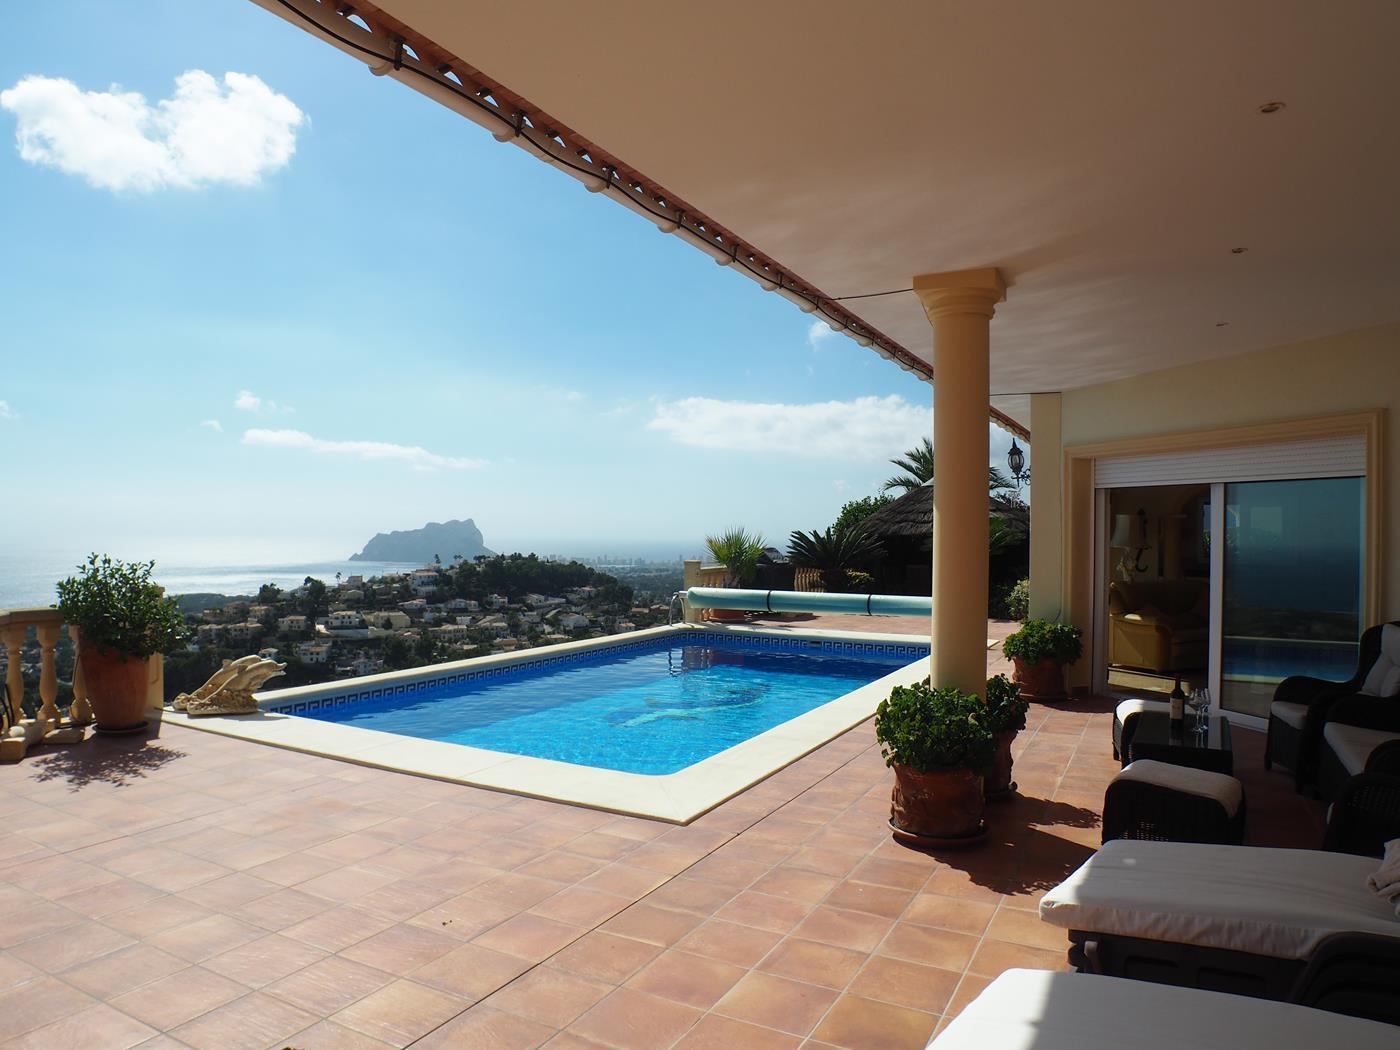 villa en moraira-teulada · benimeit 1122000€